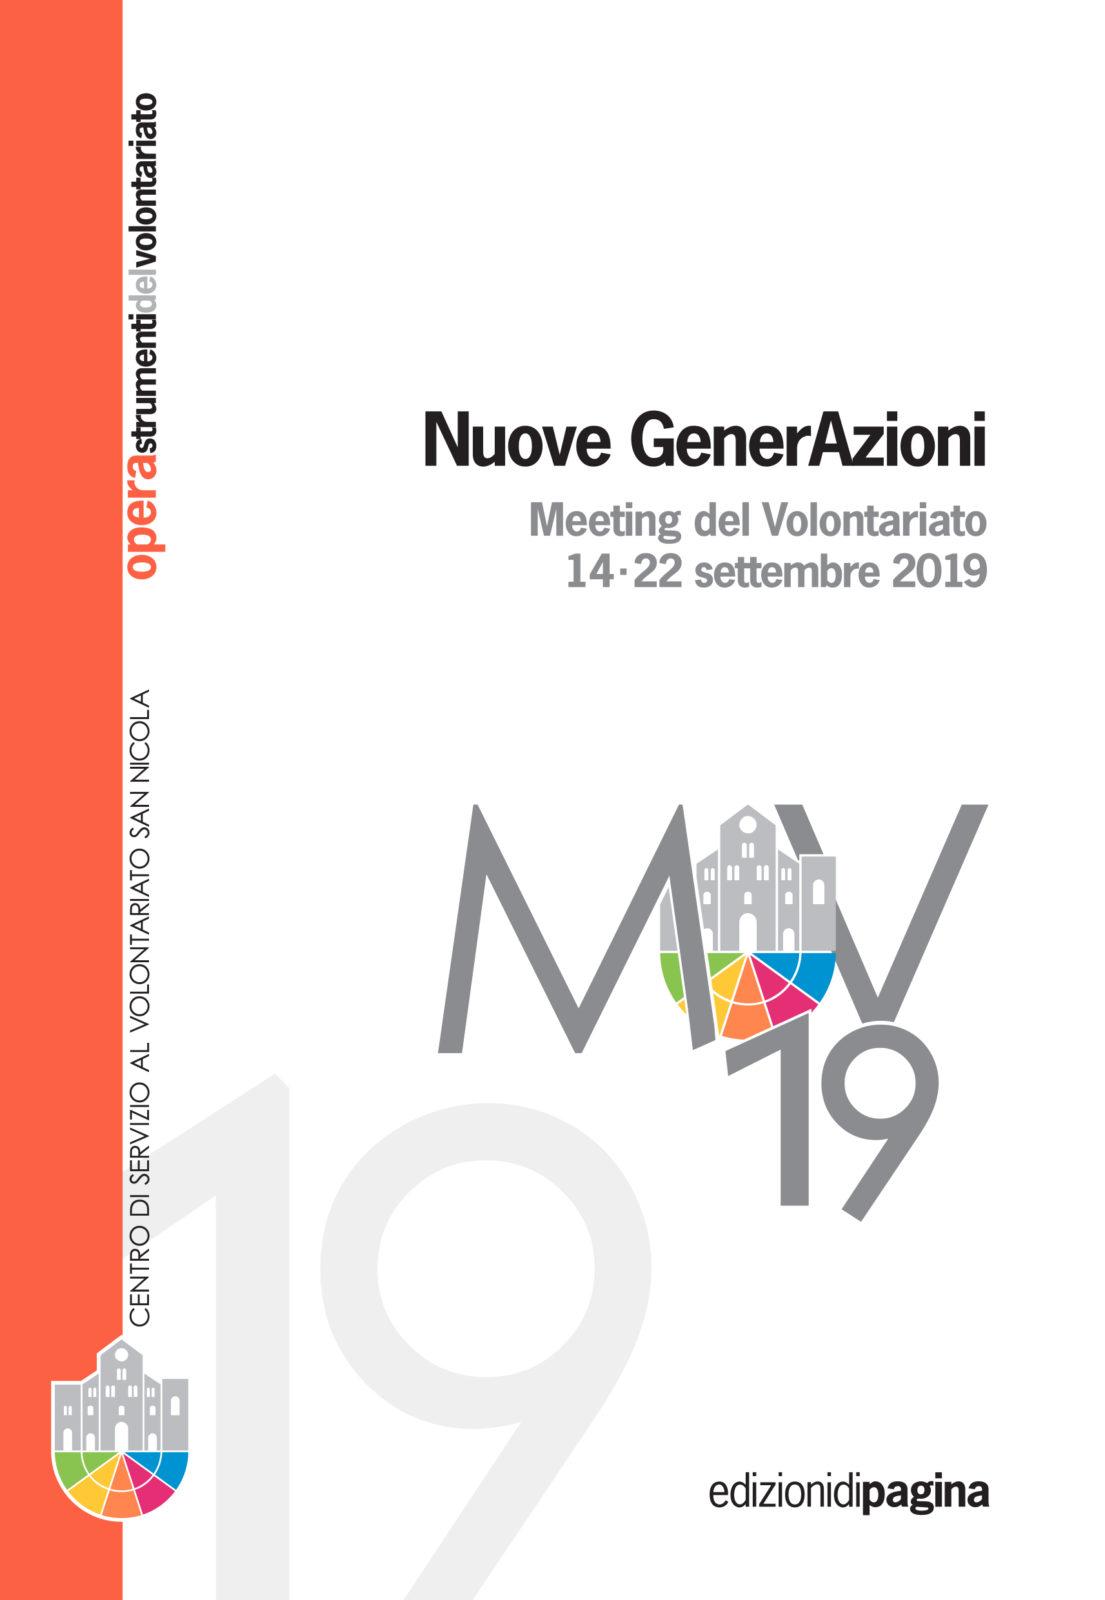 Copertina Atti del Meeting del Volontariato 2019 Nuove GenerAzioni - CSVSN